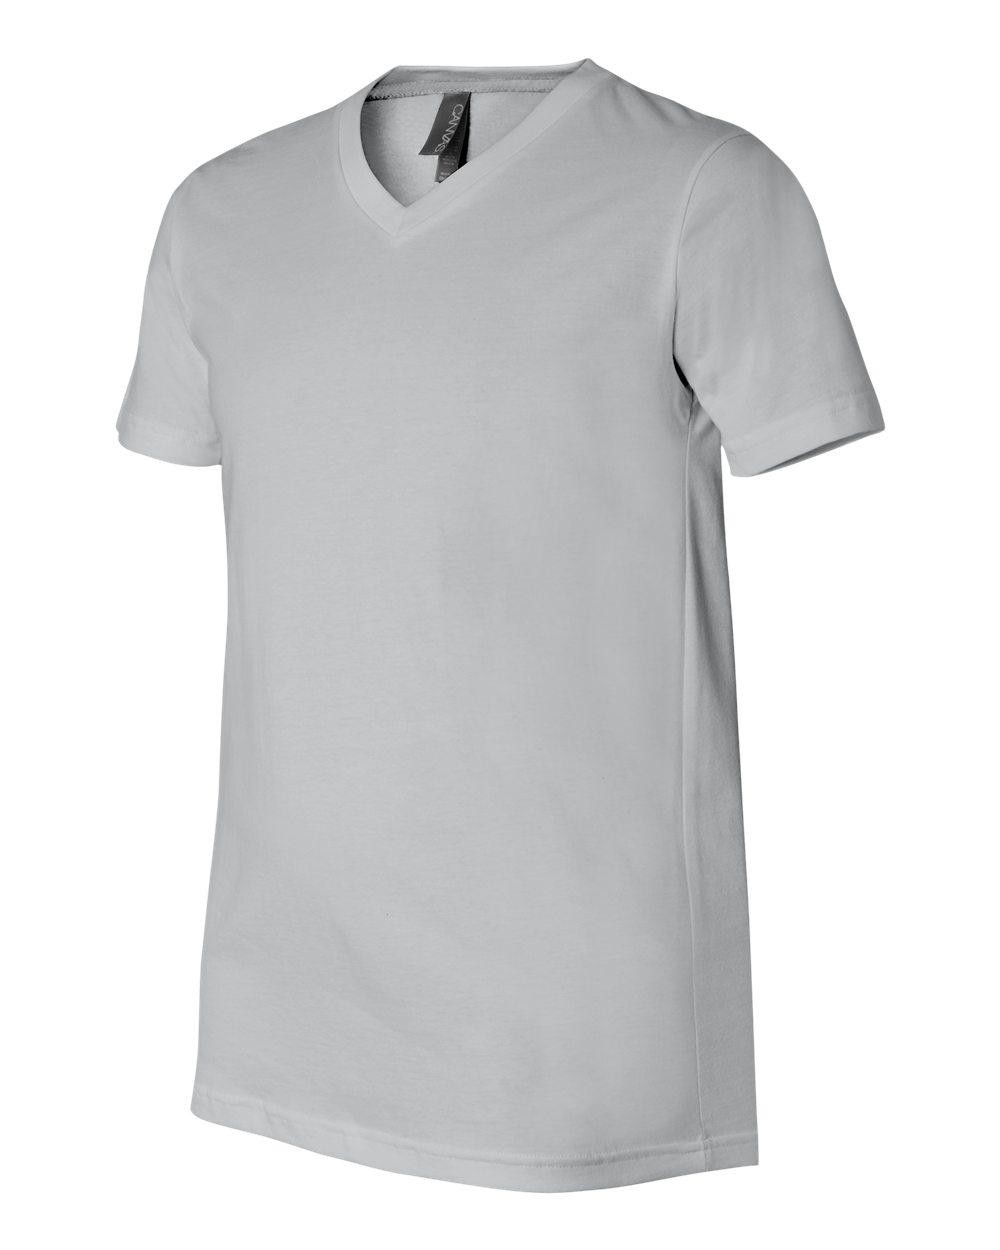 Bella-Canvas-Men-039-s-Jersey-Short-Sleeve-V-Neck-T-Shirt-3005-XS-3XL thumbnail 21